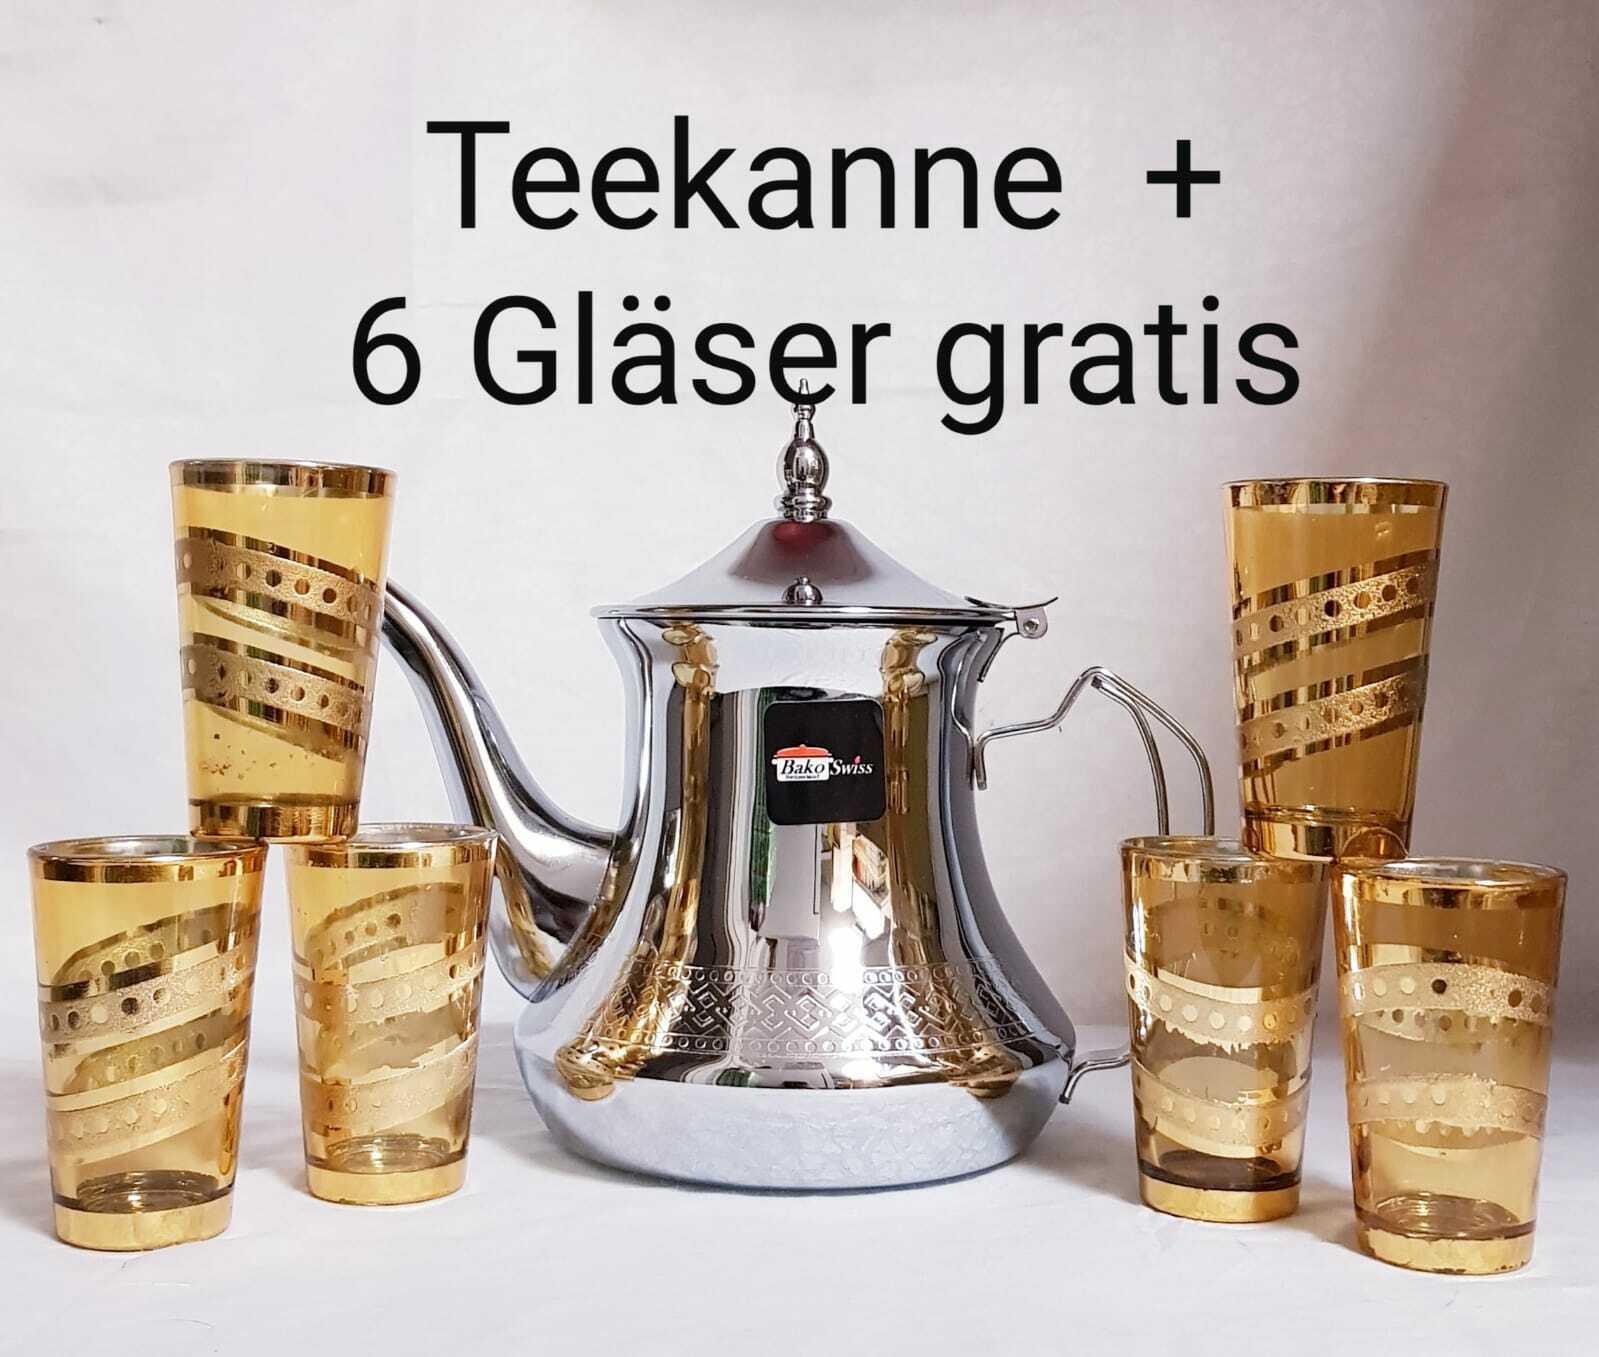 Marokkanische Teekanne 1,2 L + 6 Gläser Gratis Marrakesch Minztee Tee Kanne